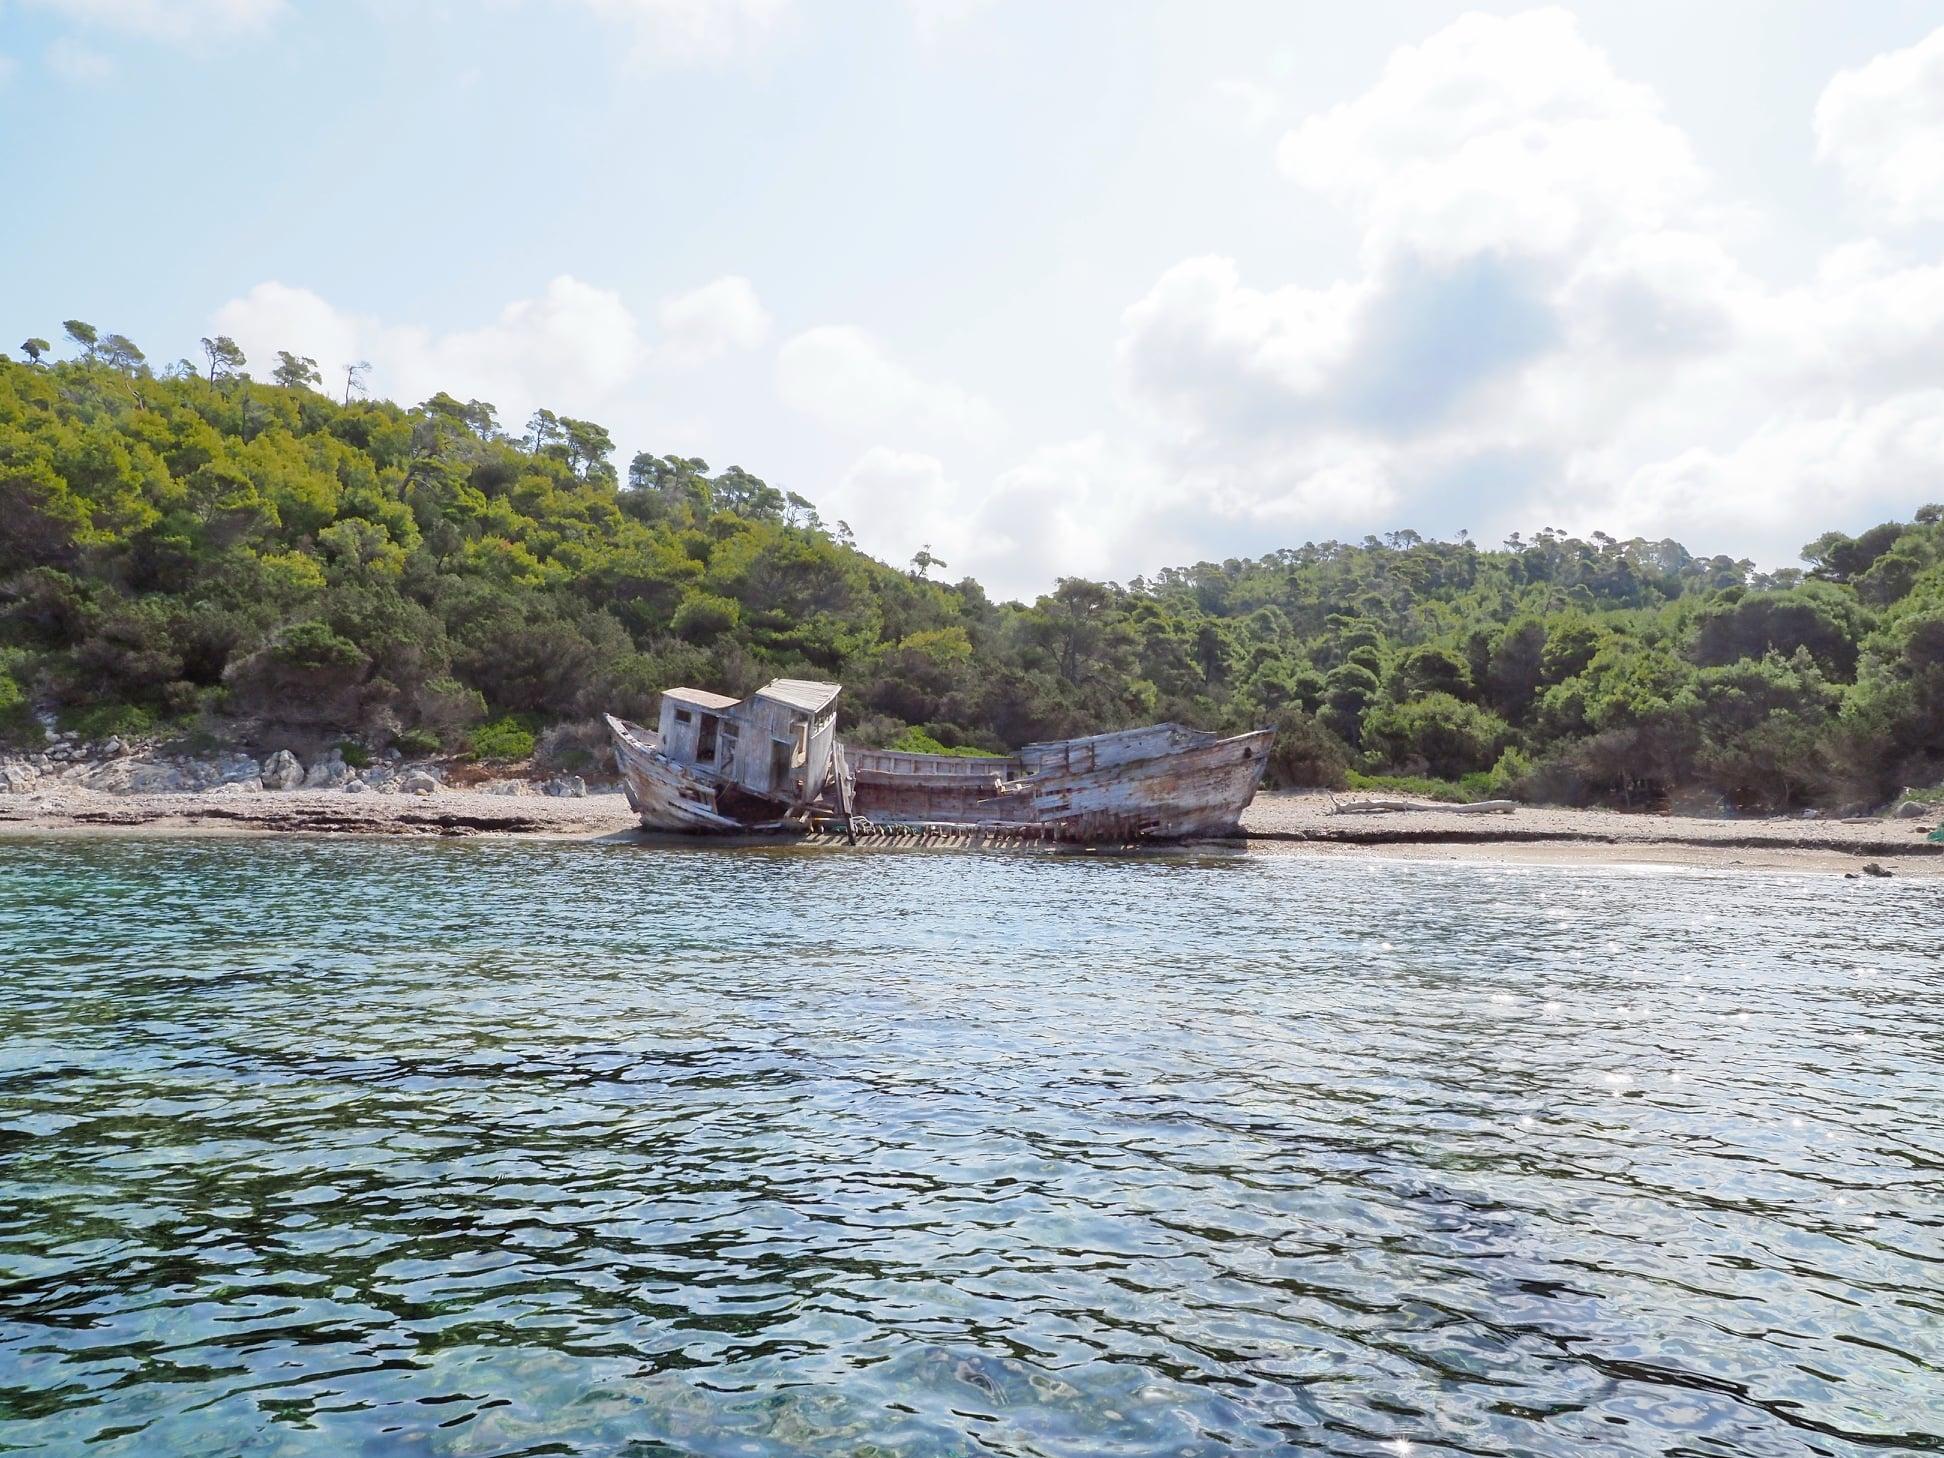 Ποια είναι η ιστορία του ναυαγίου «ΑΓΑΛΙΠΑ»;<br>Πώς βρέθηκε, σε αυτήν την αμμουδιά της Σκύρου;<br>Σε ποιόν περιήλθε και για ποιους λόγους;